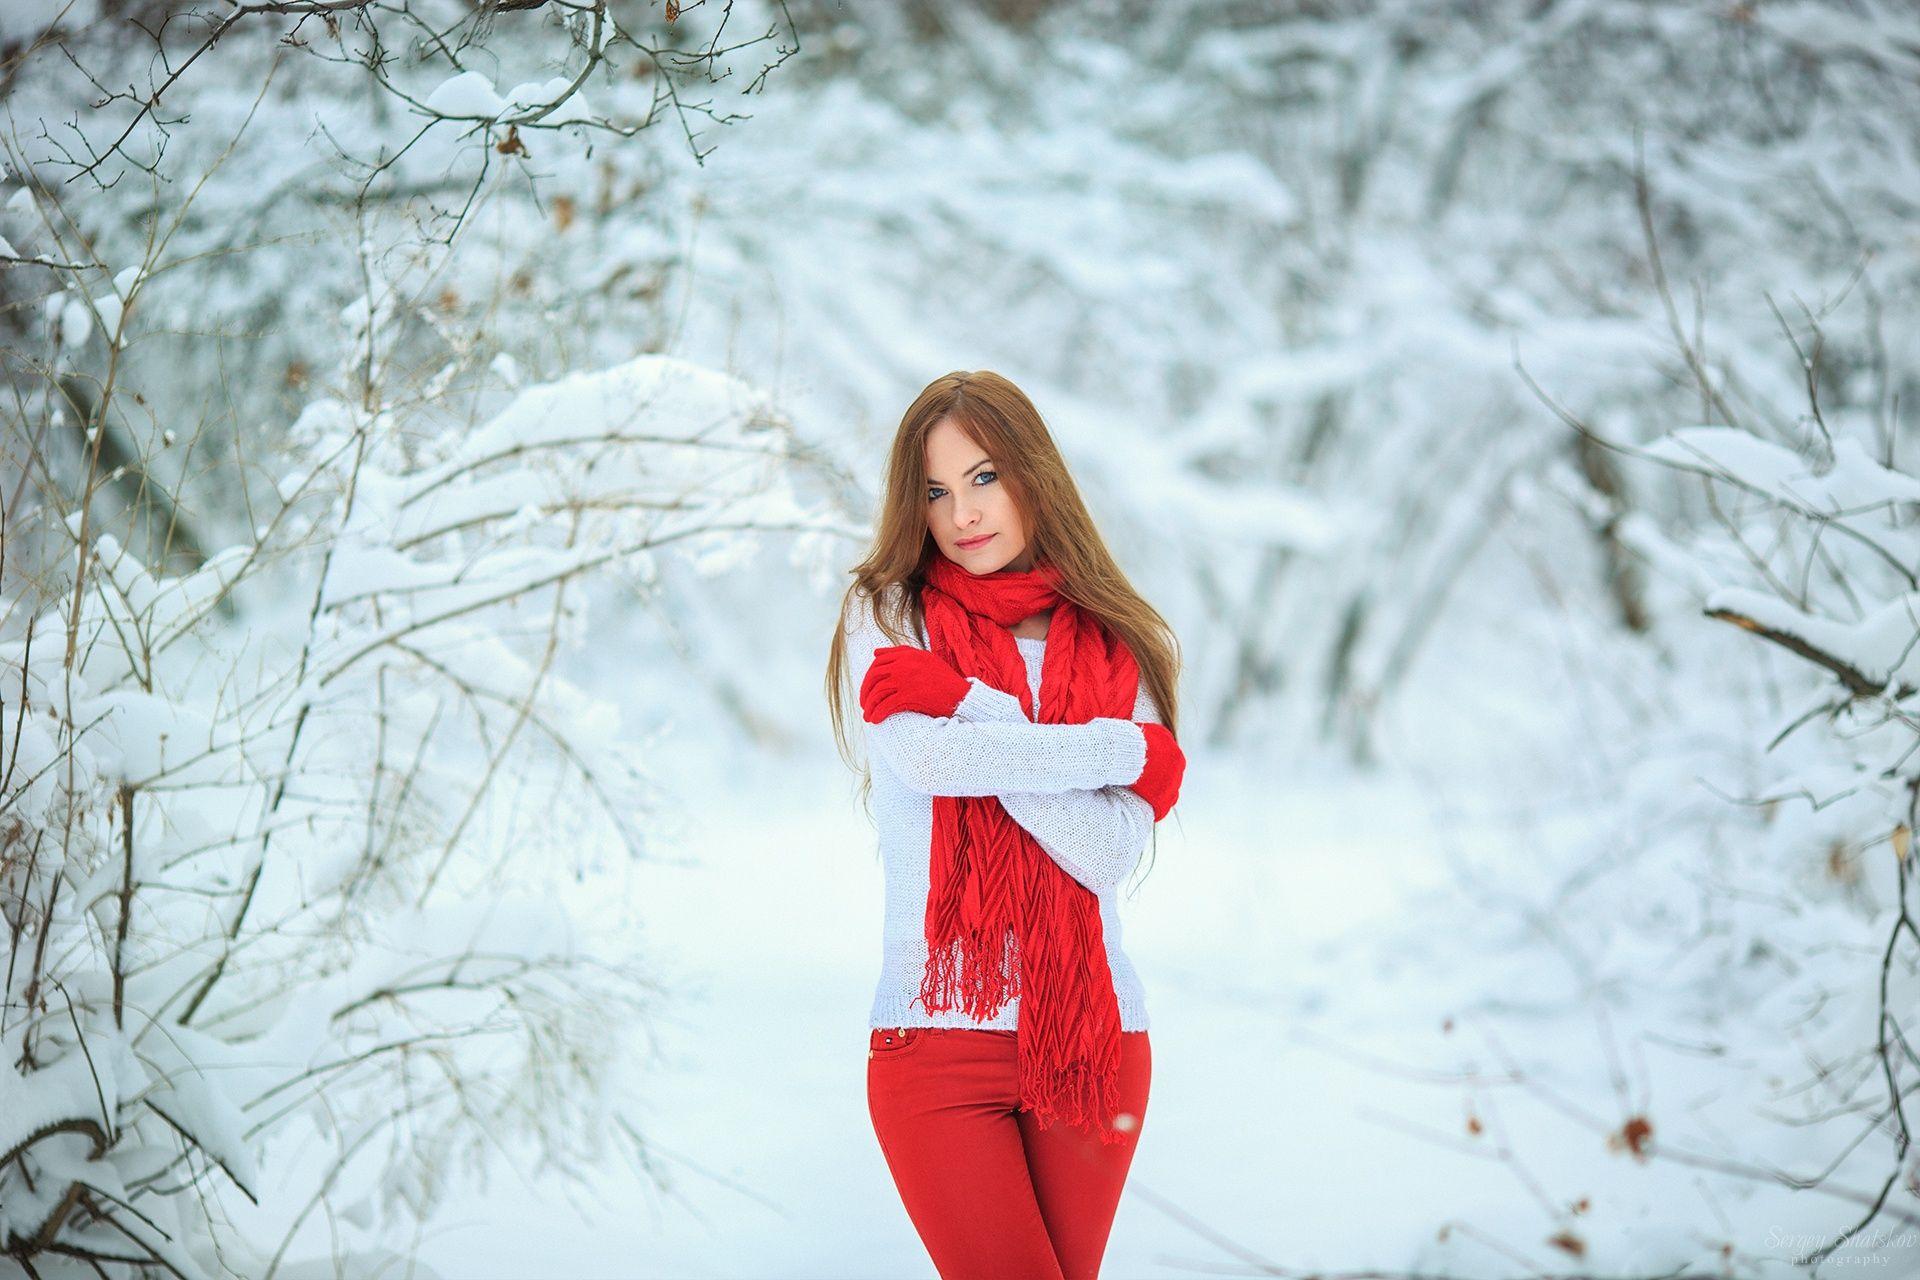 Позы для фотосессии в зимнем лесу